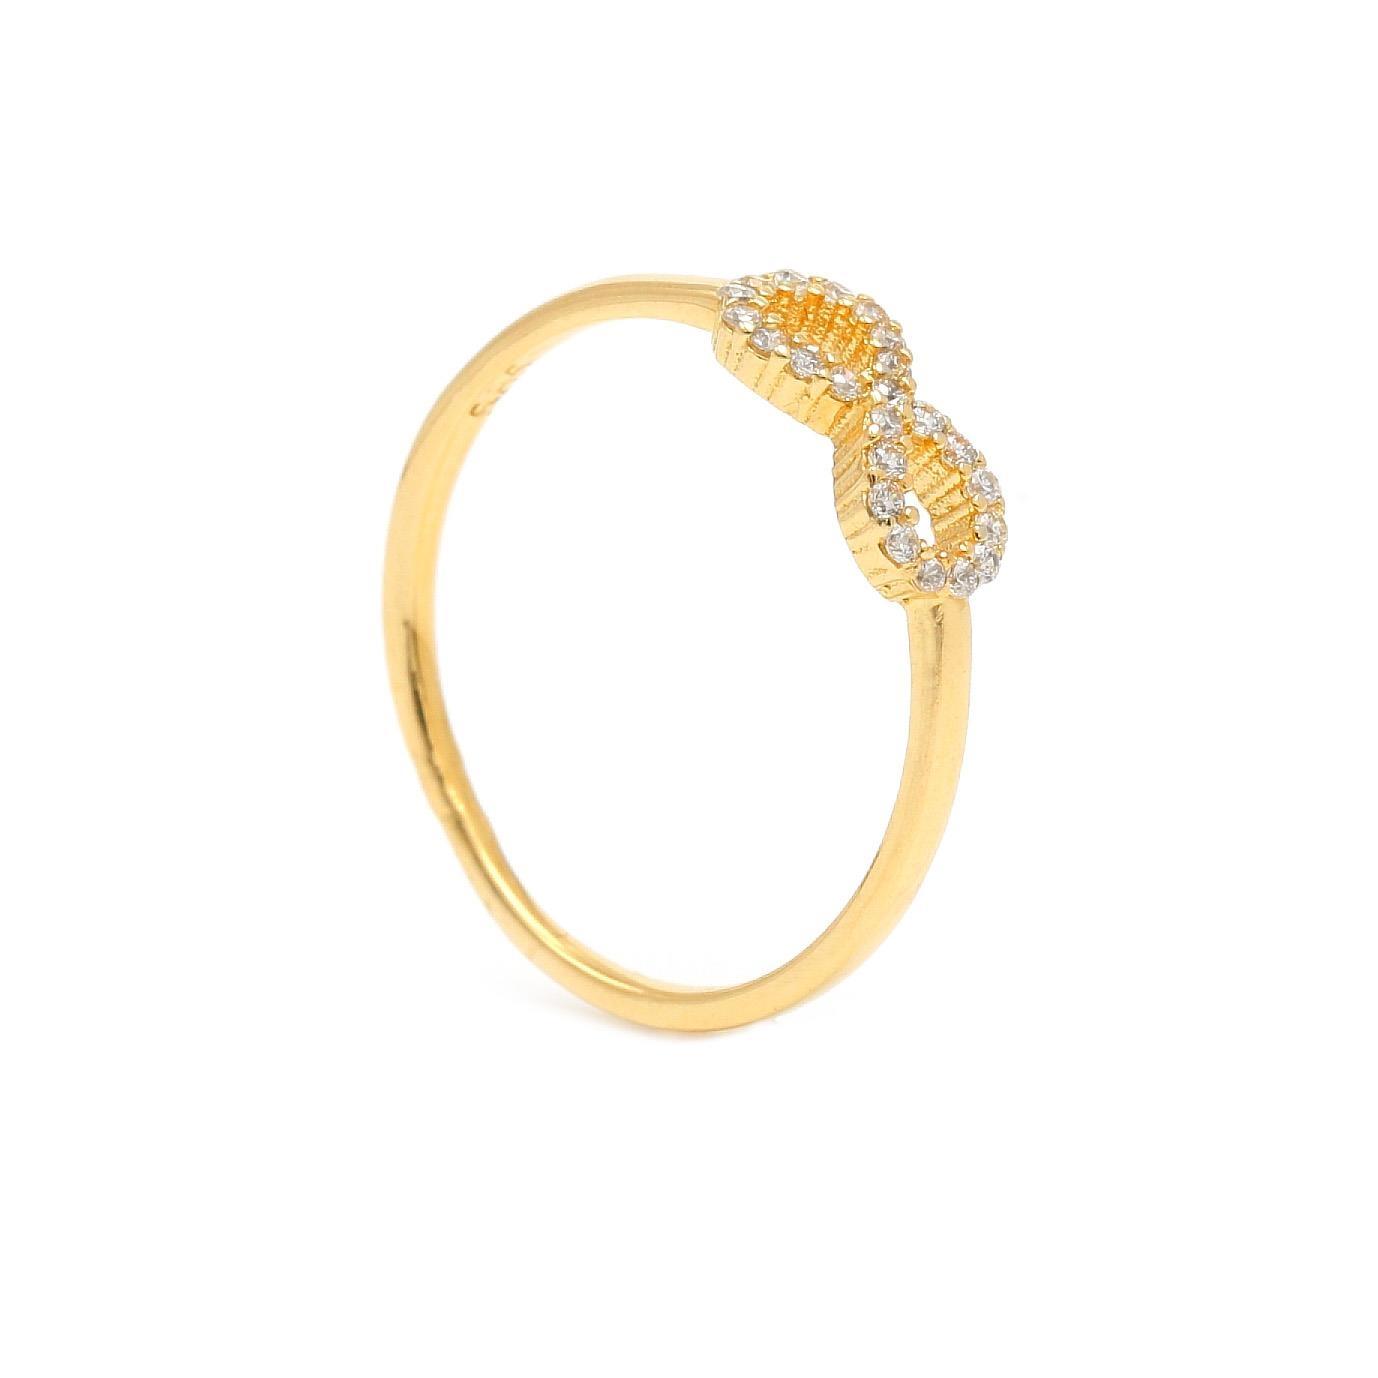 Zlatý prsteň INFINITY s bielymi kamienkami 1PZ00398_58I